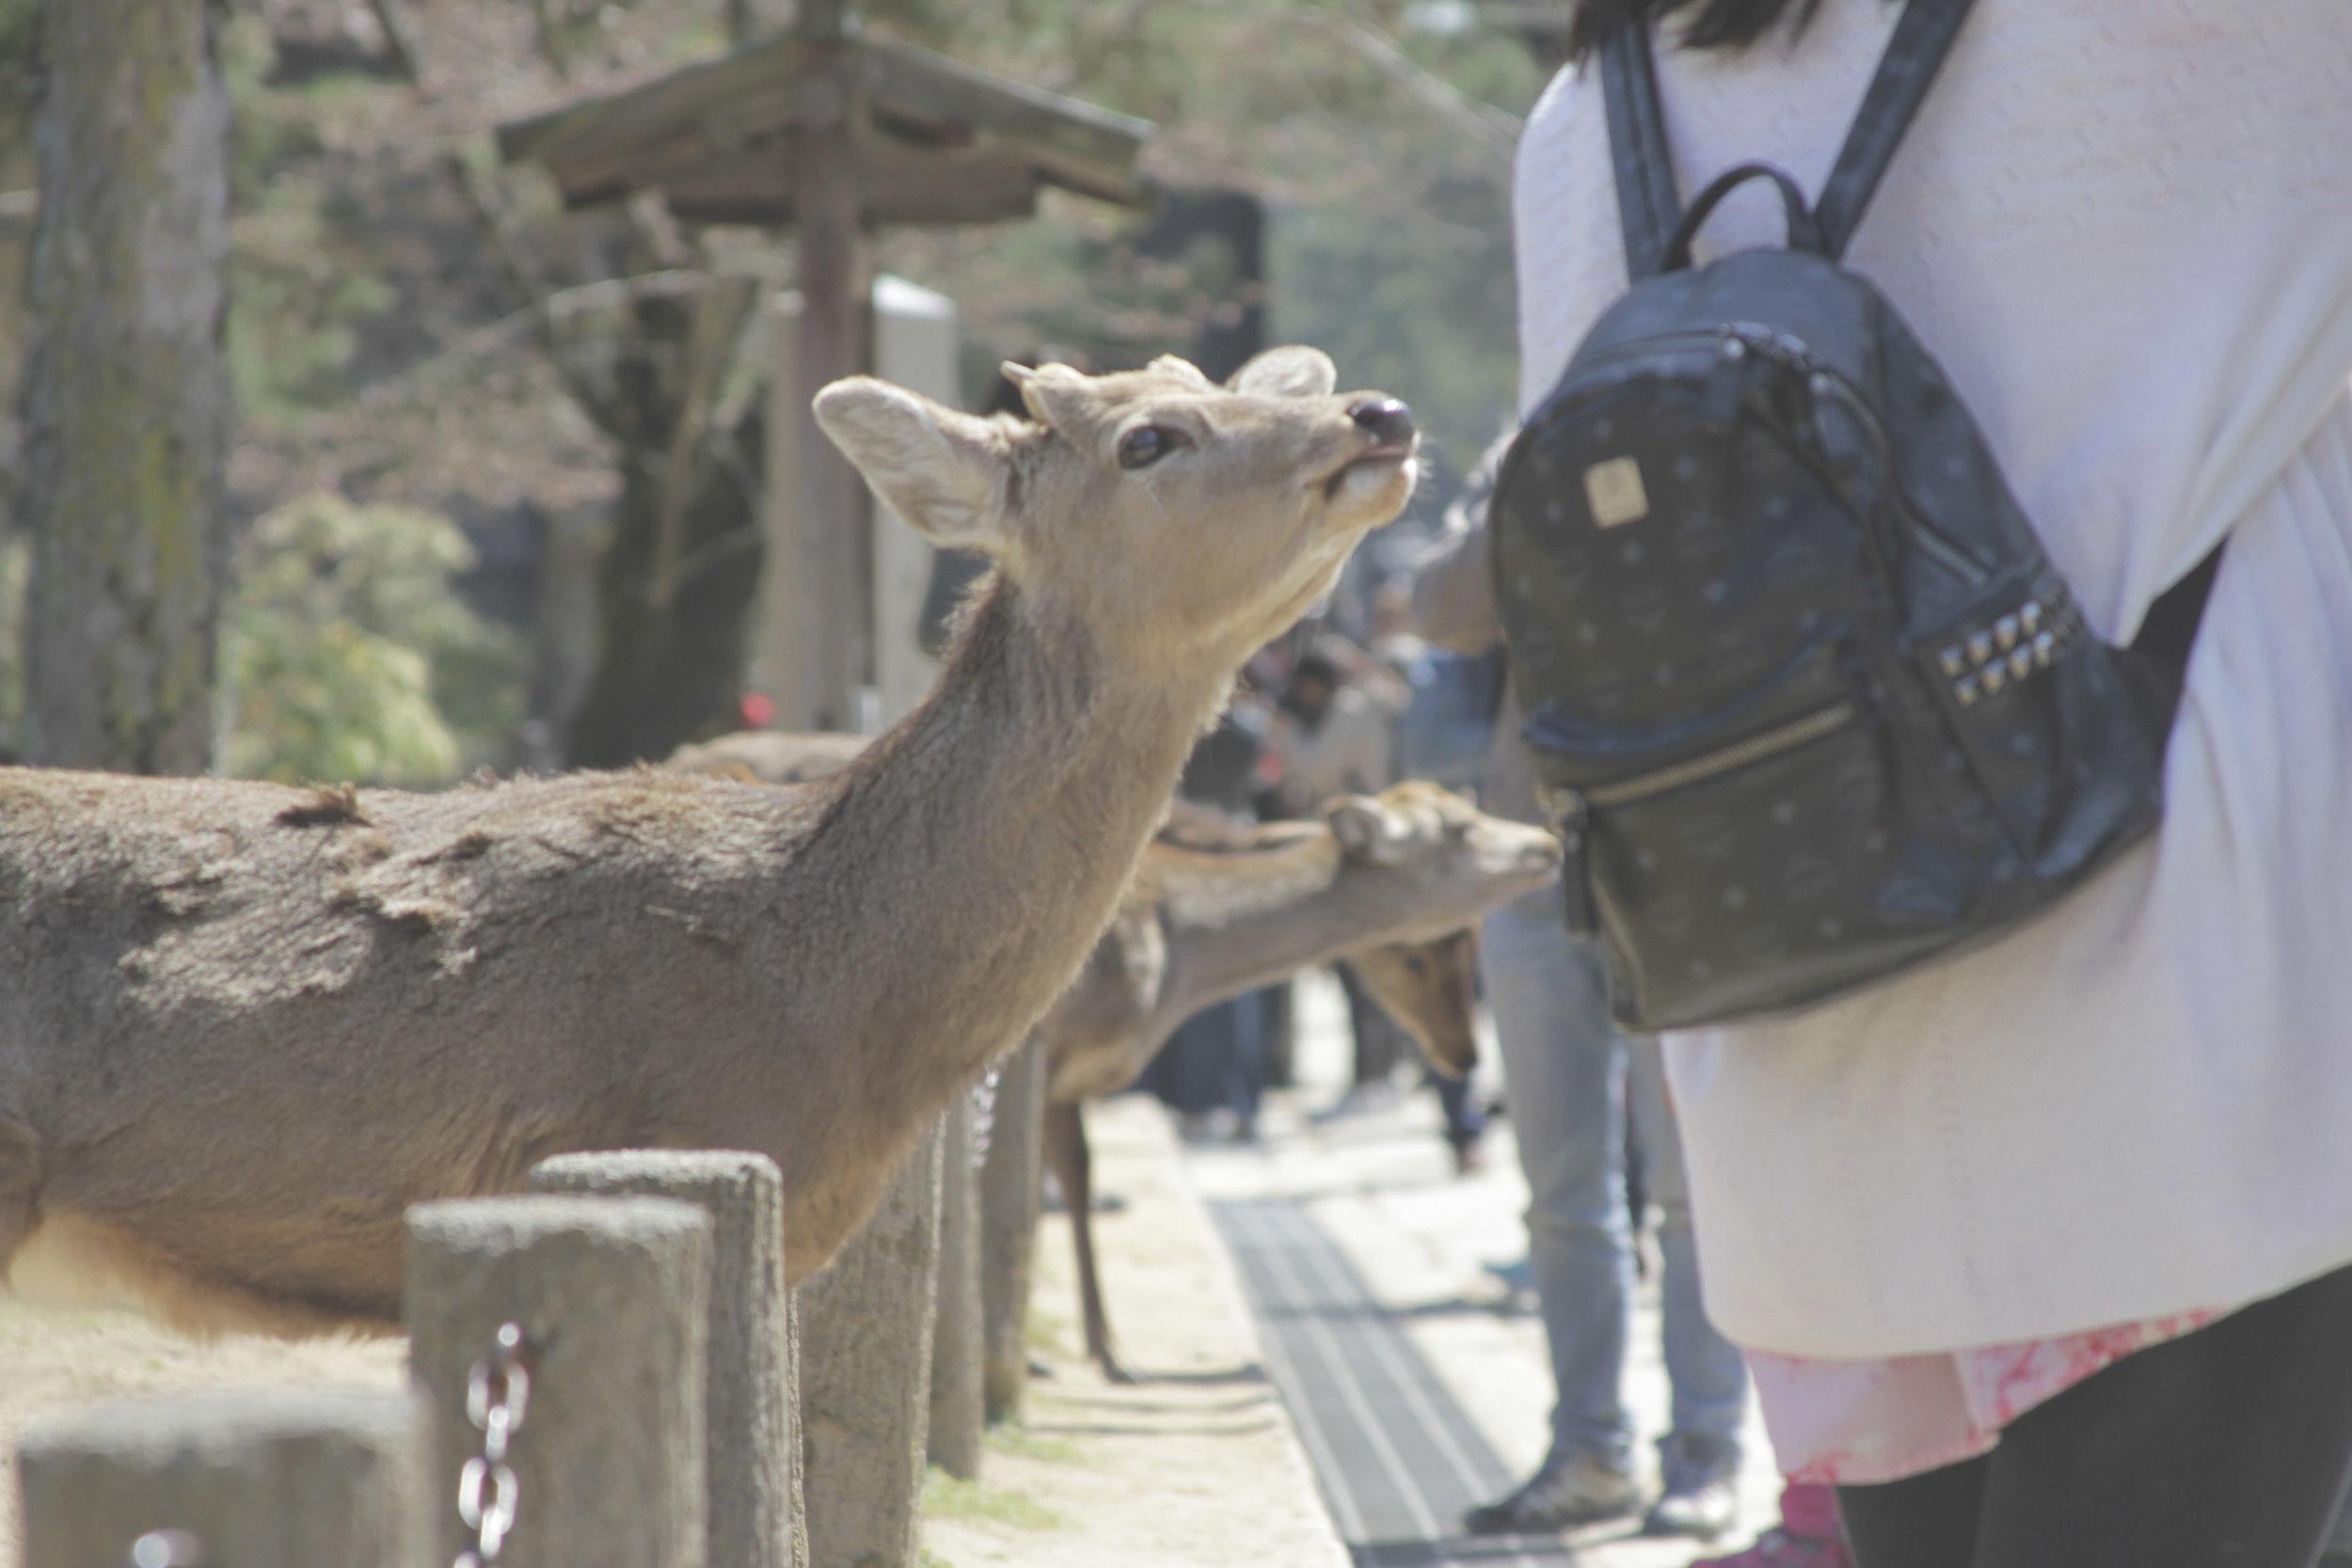 Veadinho pedindo biscoito pra turista.